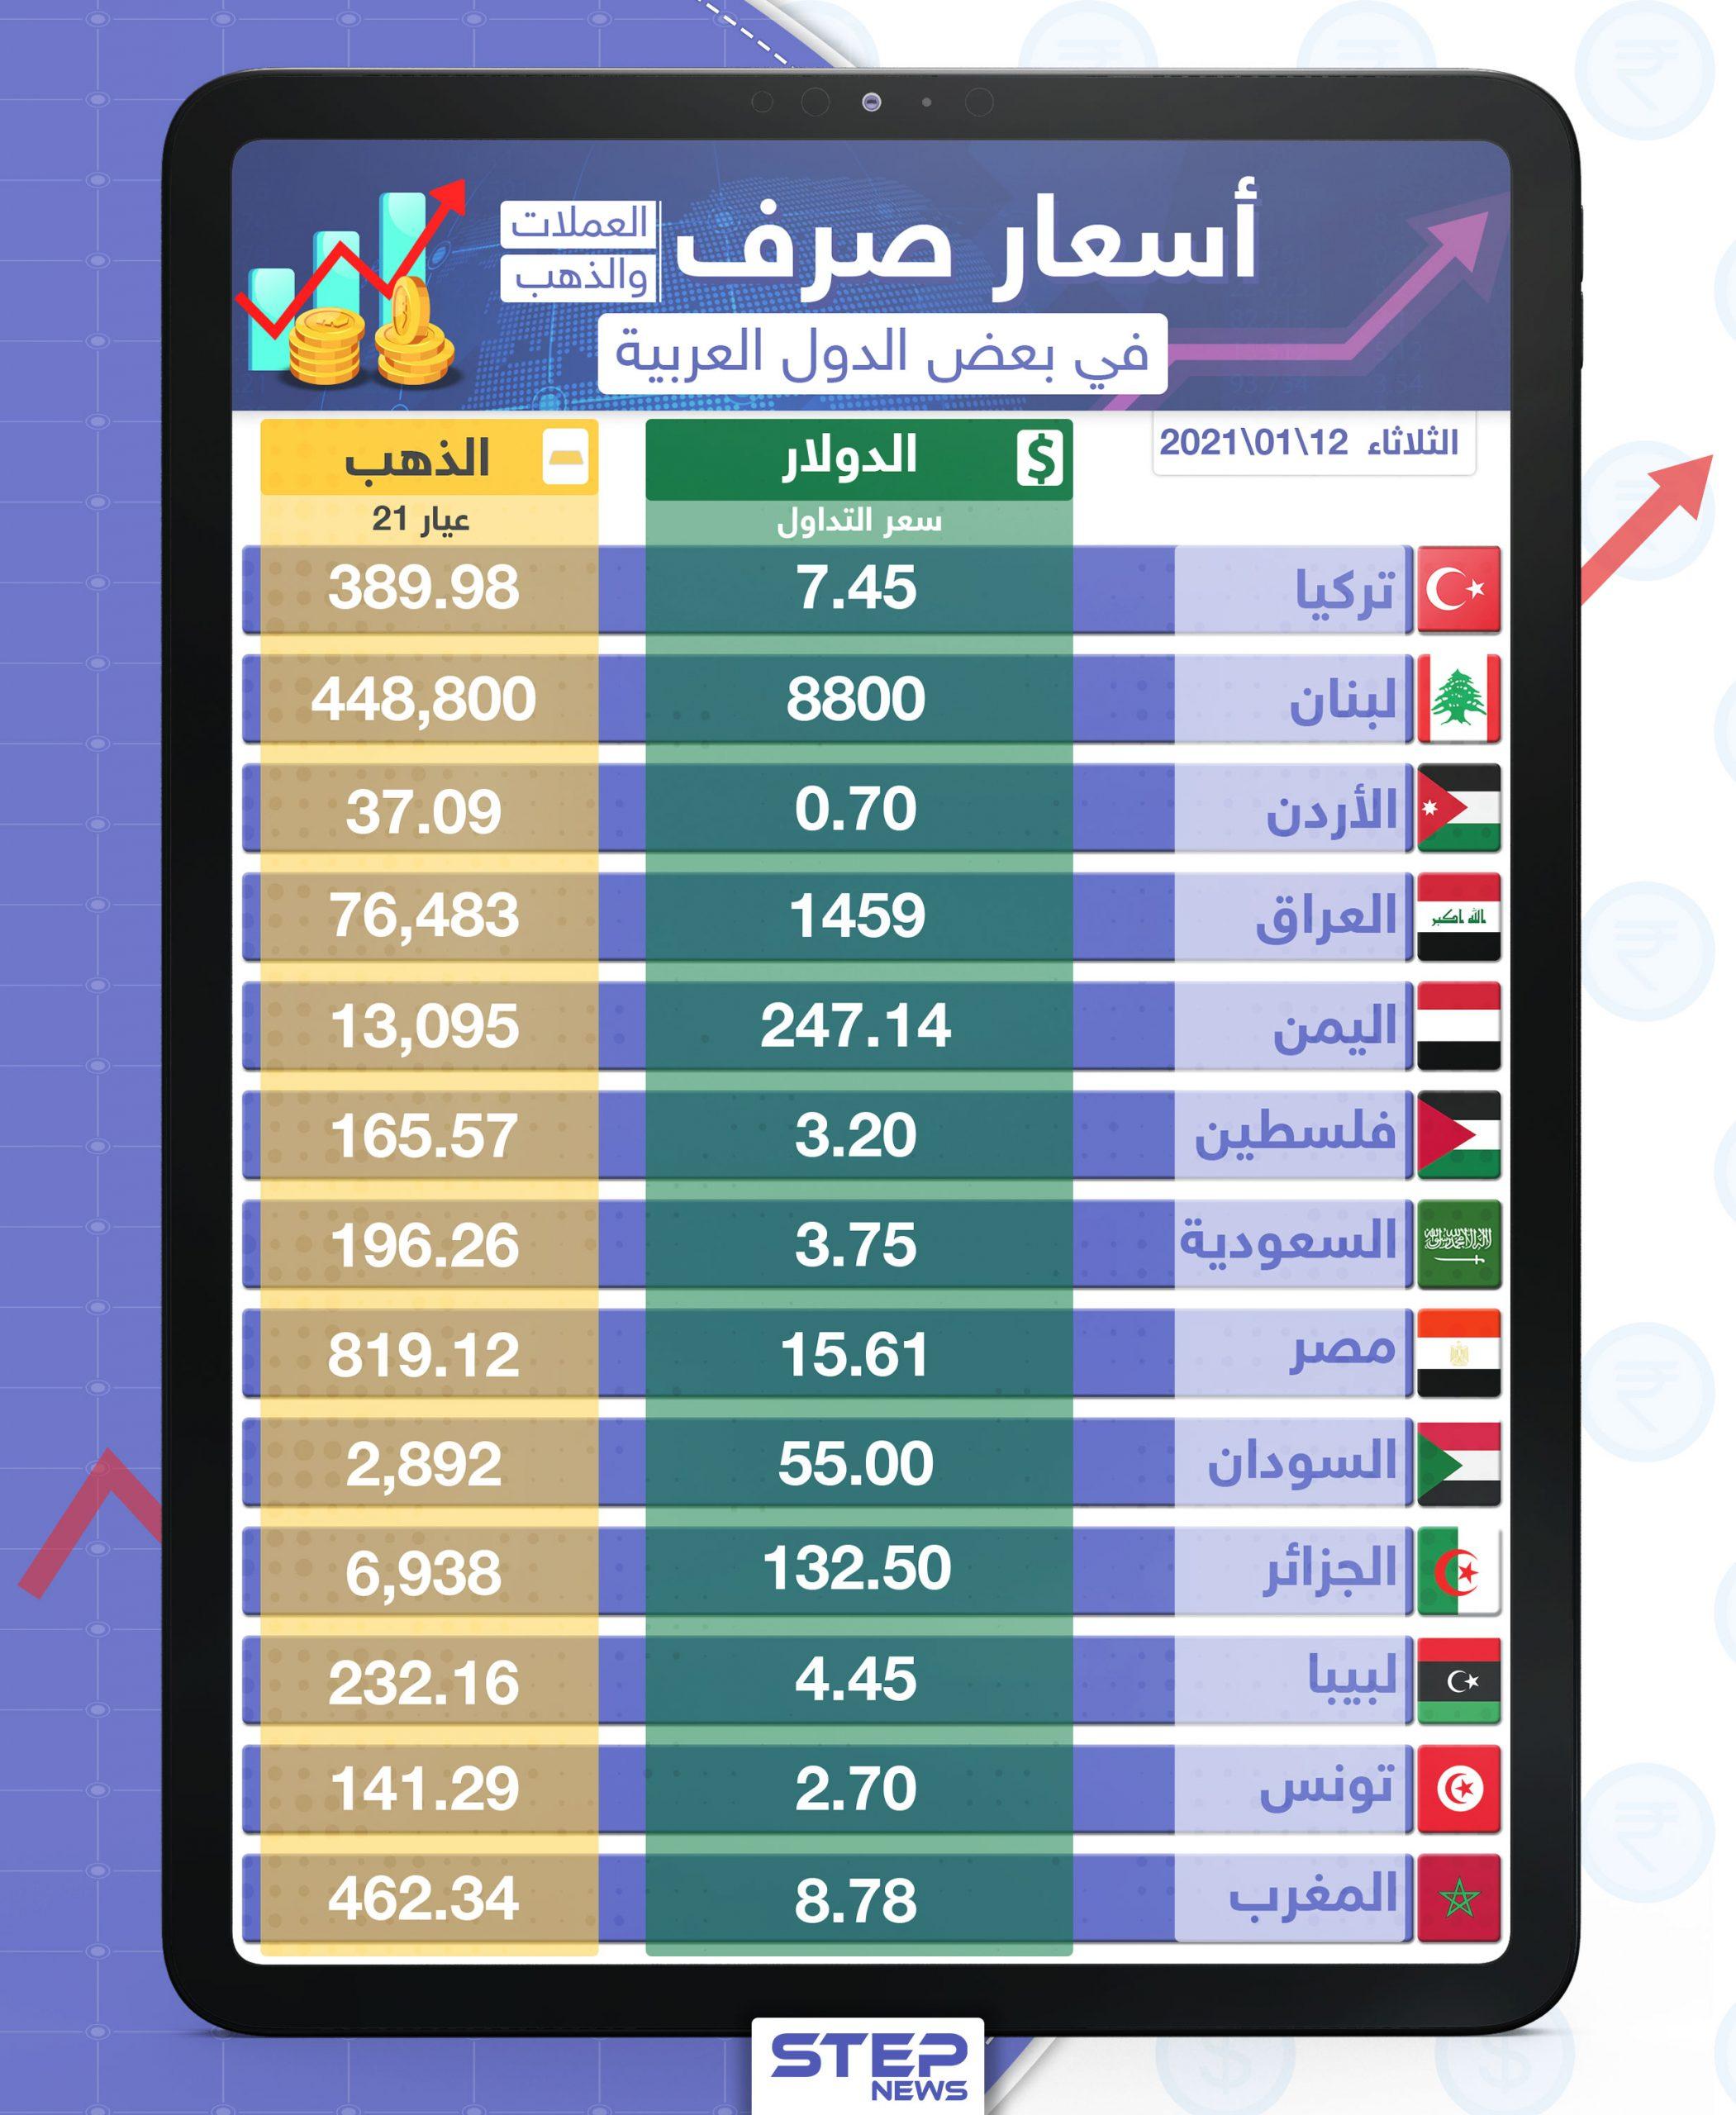 أسعار الذهب والعملات للدول العربية وتركيا اليوم الثلاثاء الموافق 12 كانون الثاني 2021